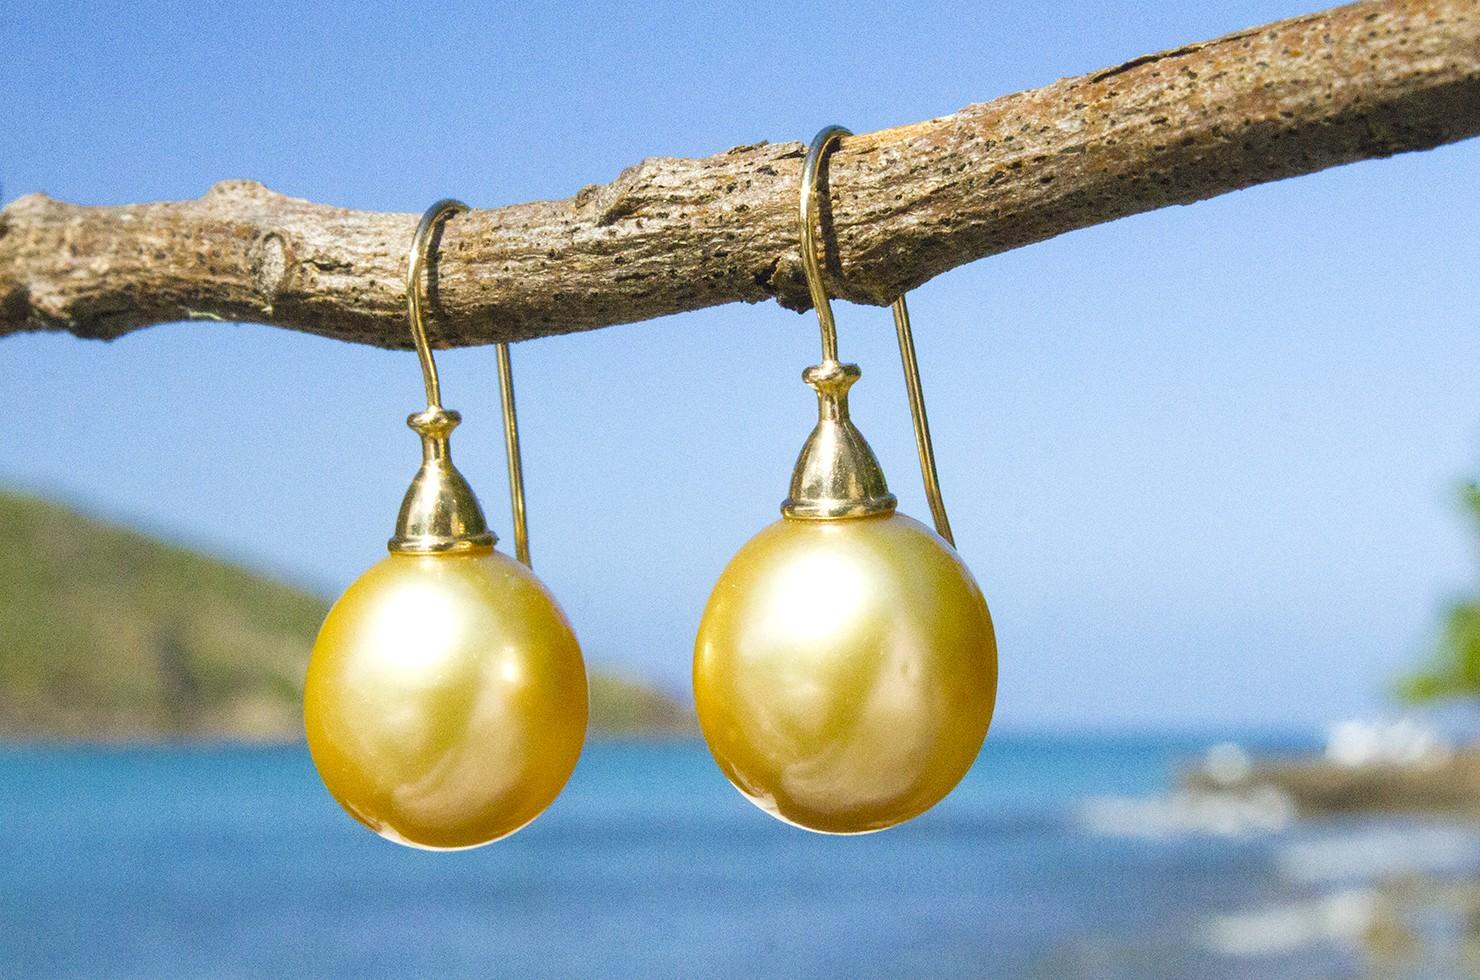 Australian gold pearl earrings - 12mm